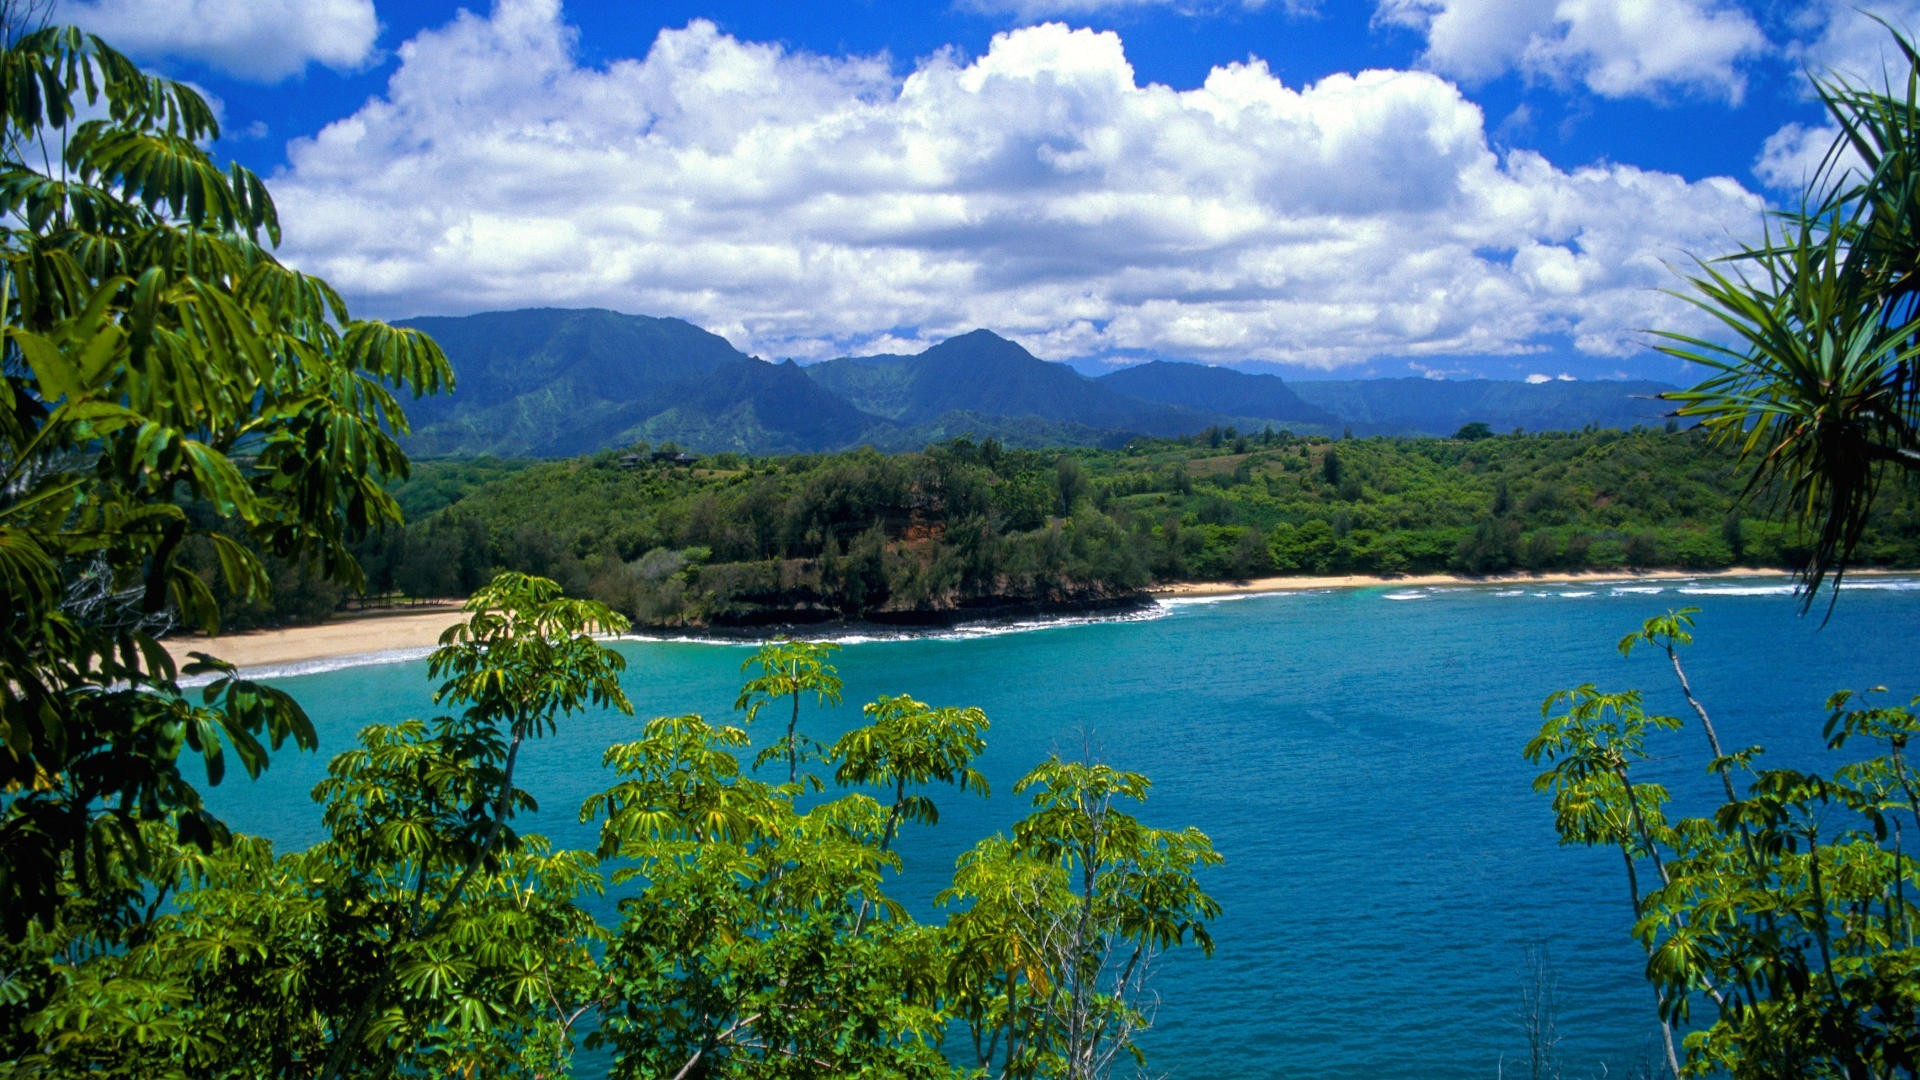 Hawaii Beach Wallpaper 58 Images